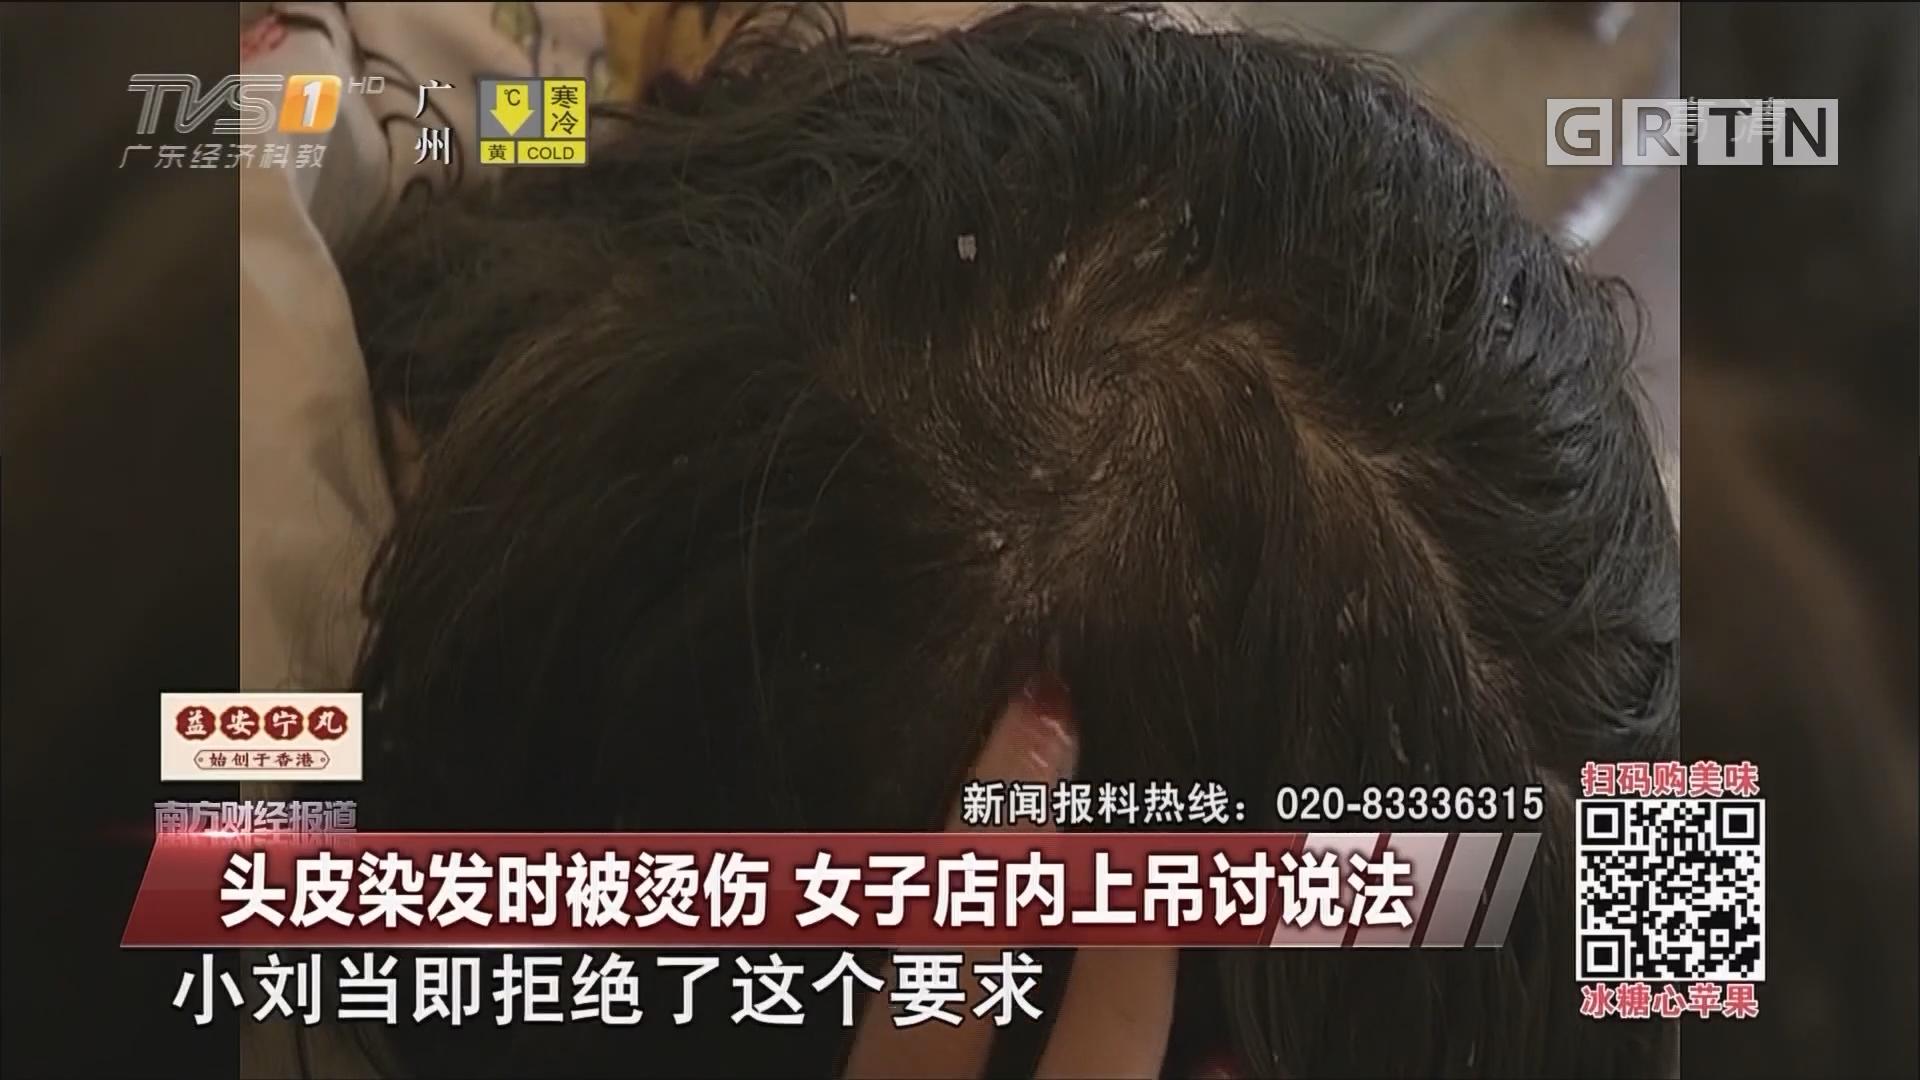 头皮染发时被烫伤 女子店内上吊讨说法